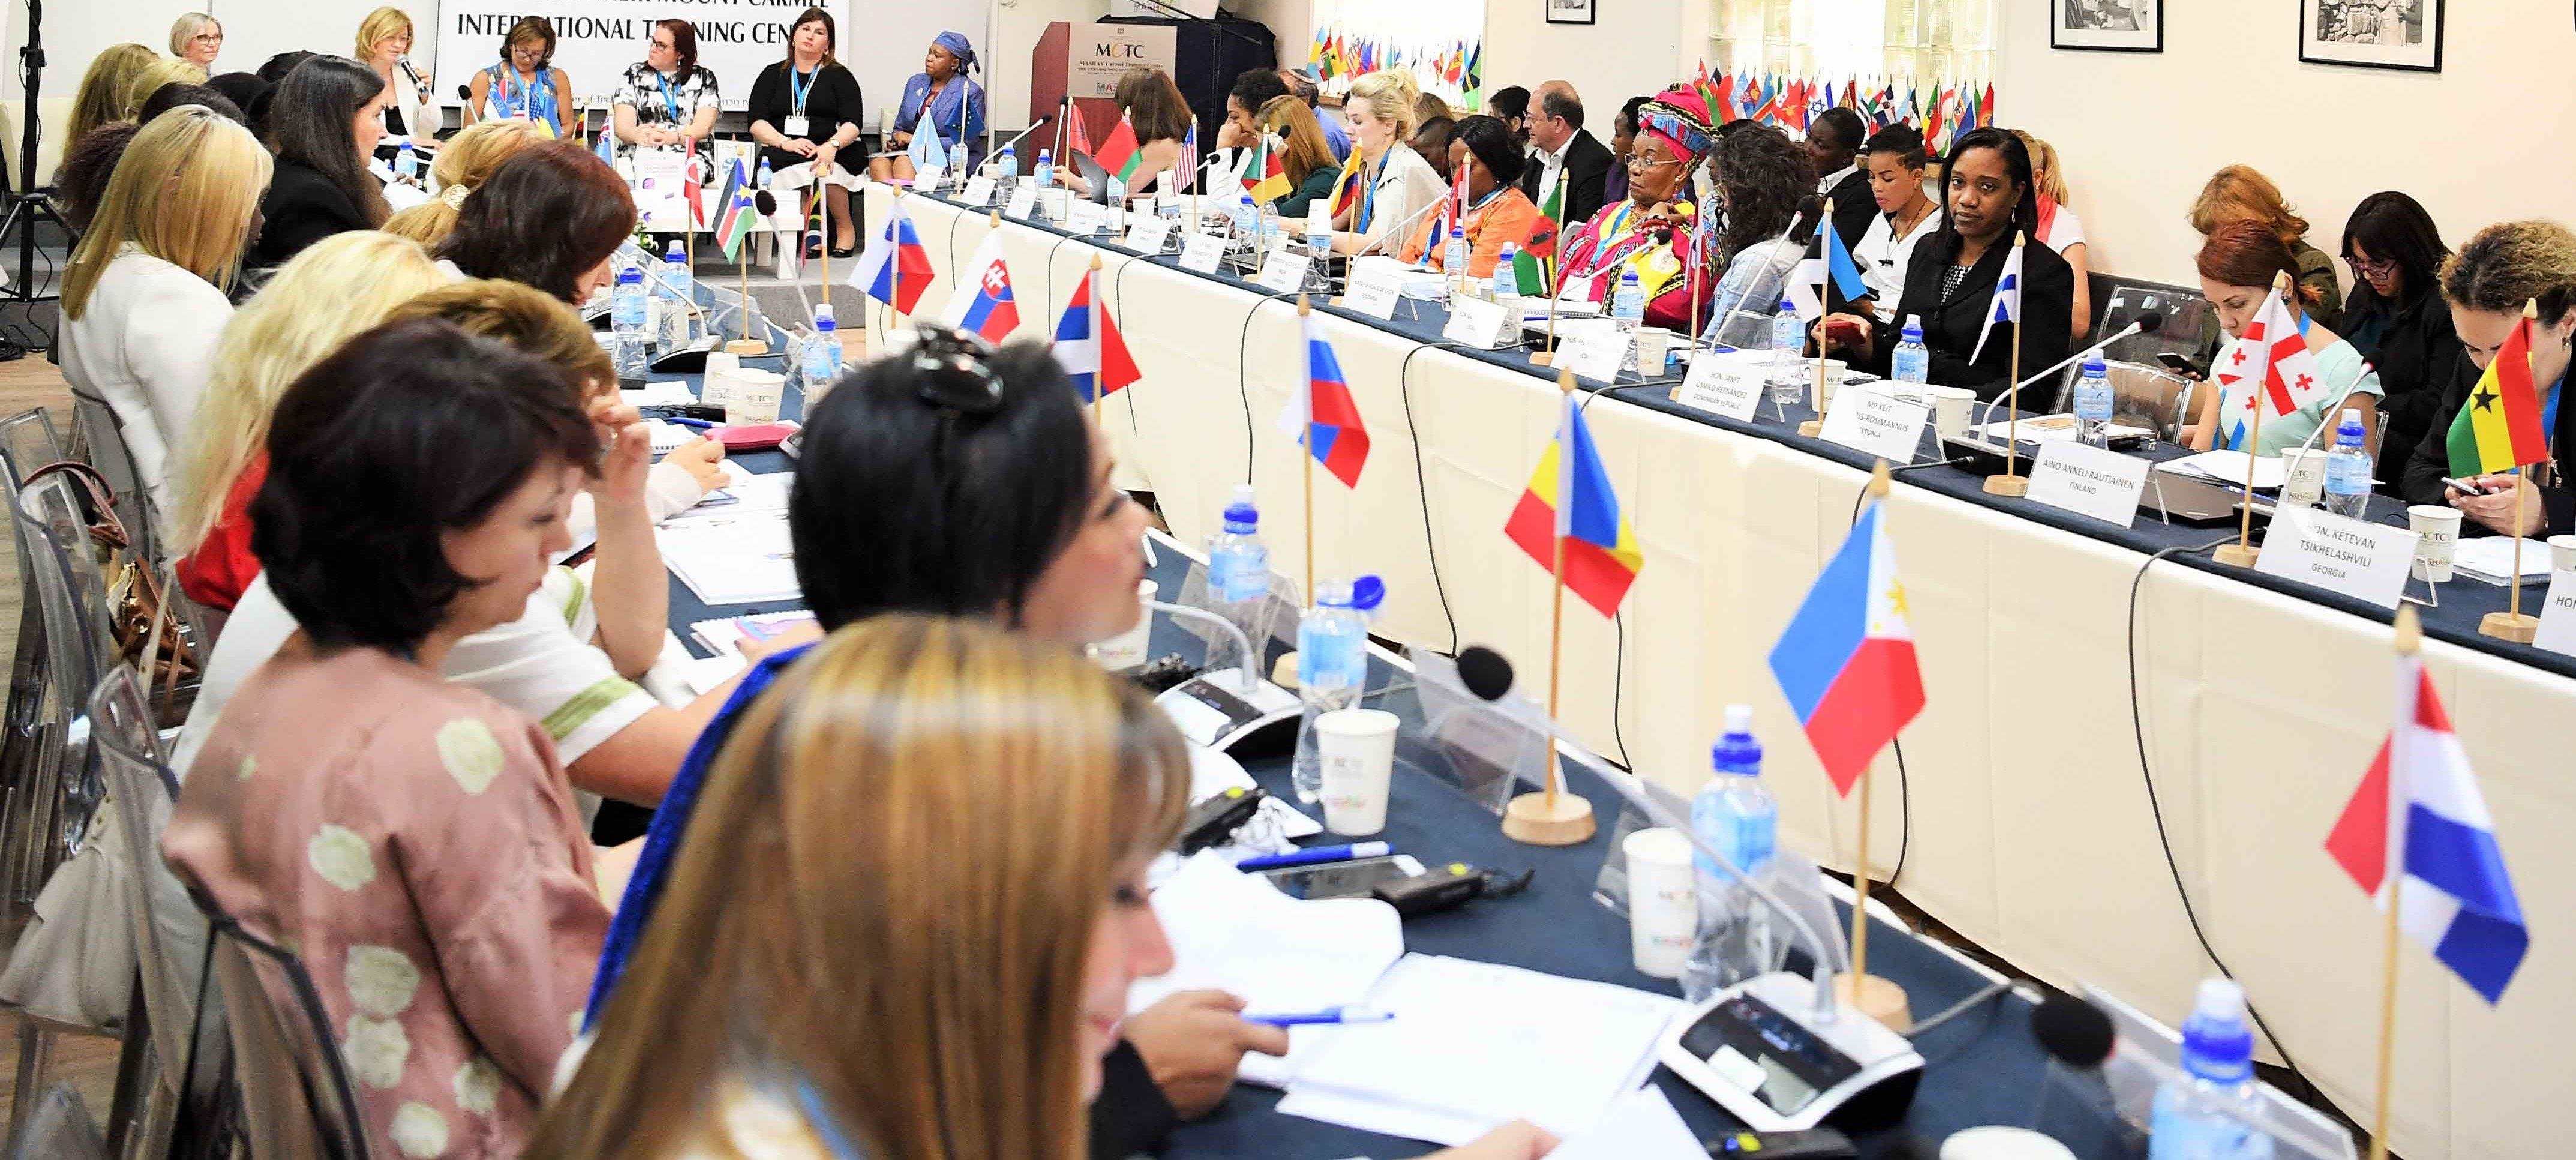 حيفا: شبكة نساء قياديات ستعمل لدعم النساء في أنحاء العالم